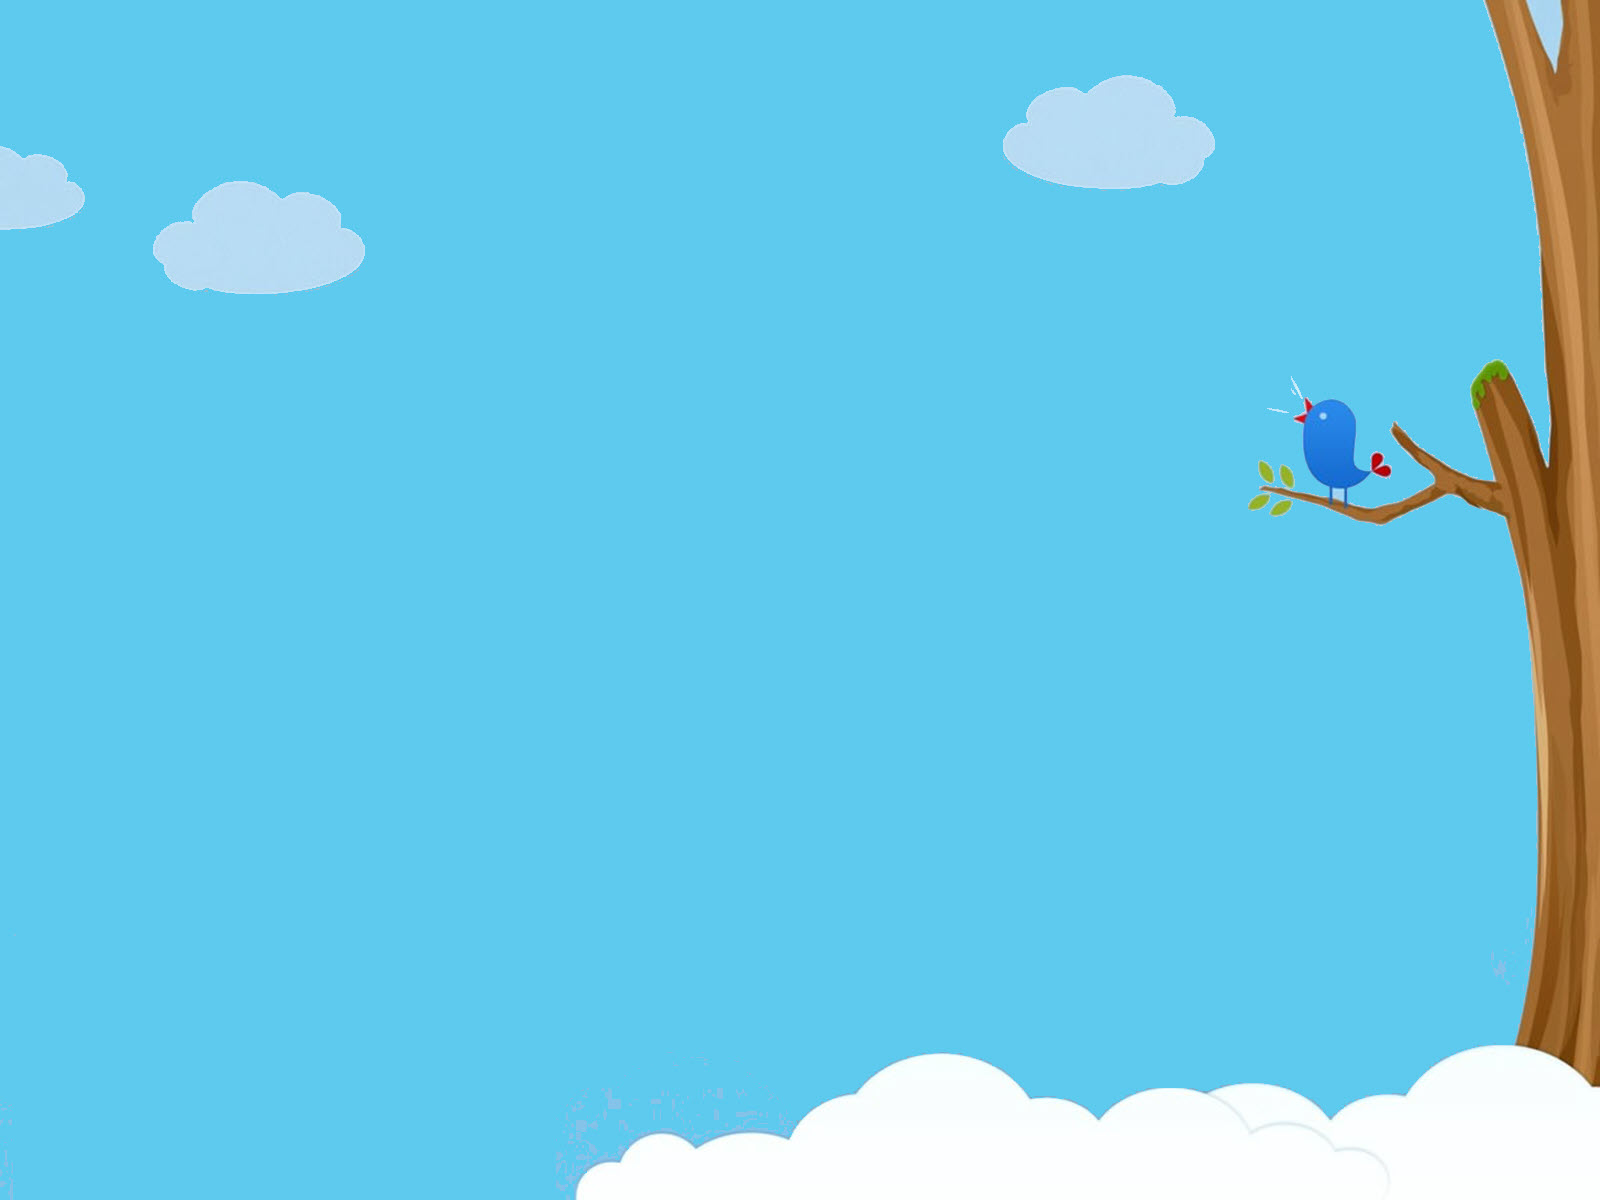 Hình nền Powerpoint màu xanh dương